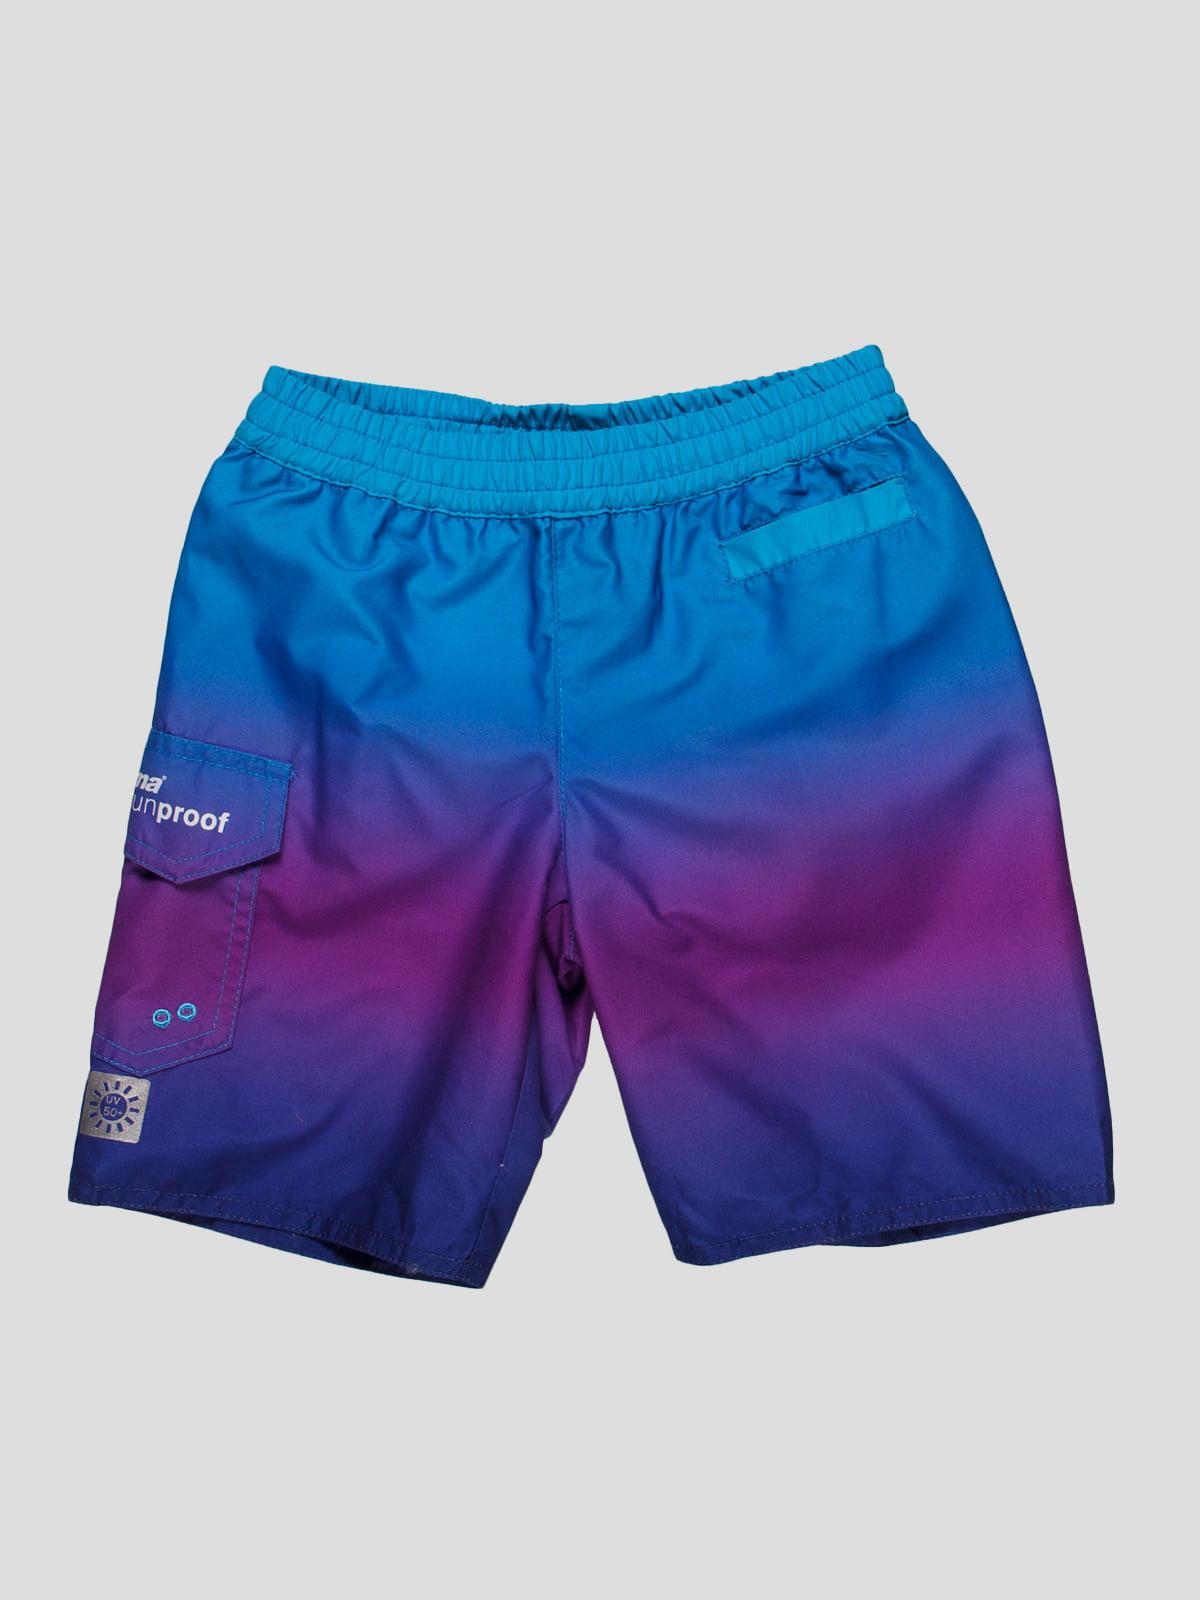 Шорти бірюзово-фіолетові пляжні | 81401